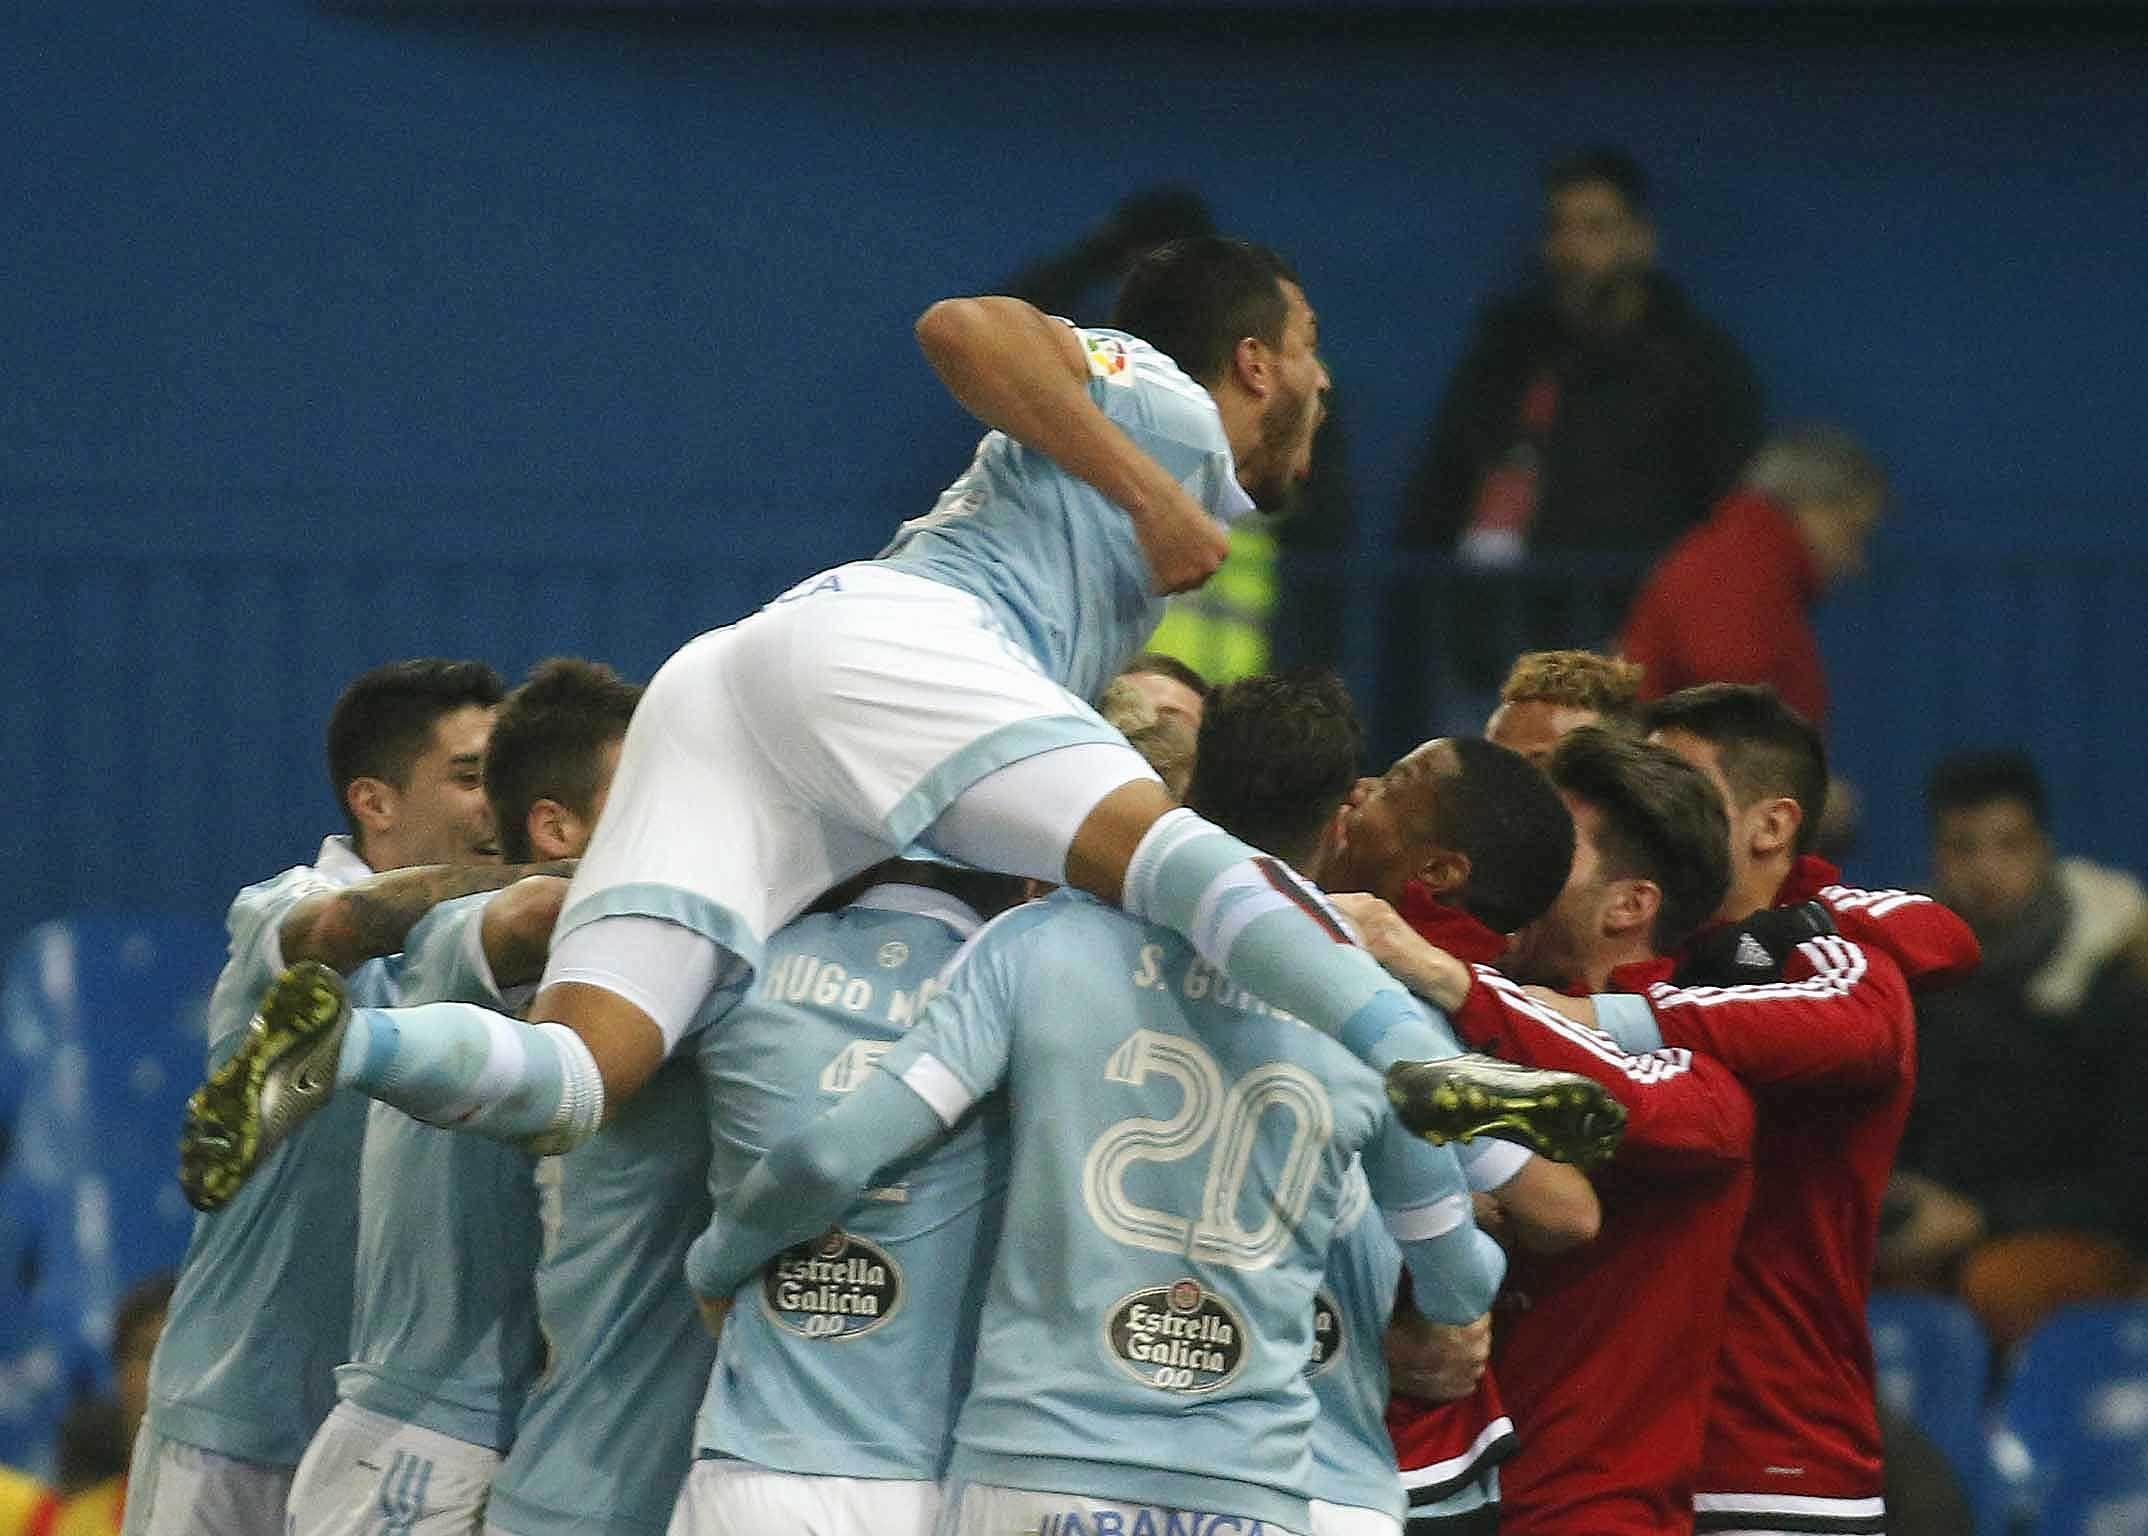 En un vibrante partido, el Celta de Berizzo venció al Atlético de Simeone y se metió en las semifinales